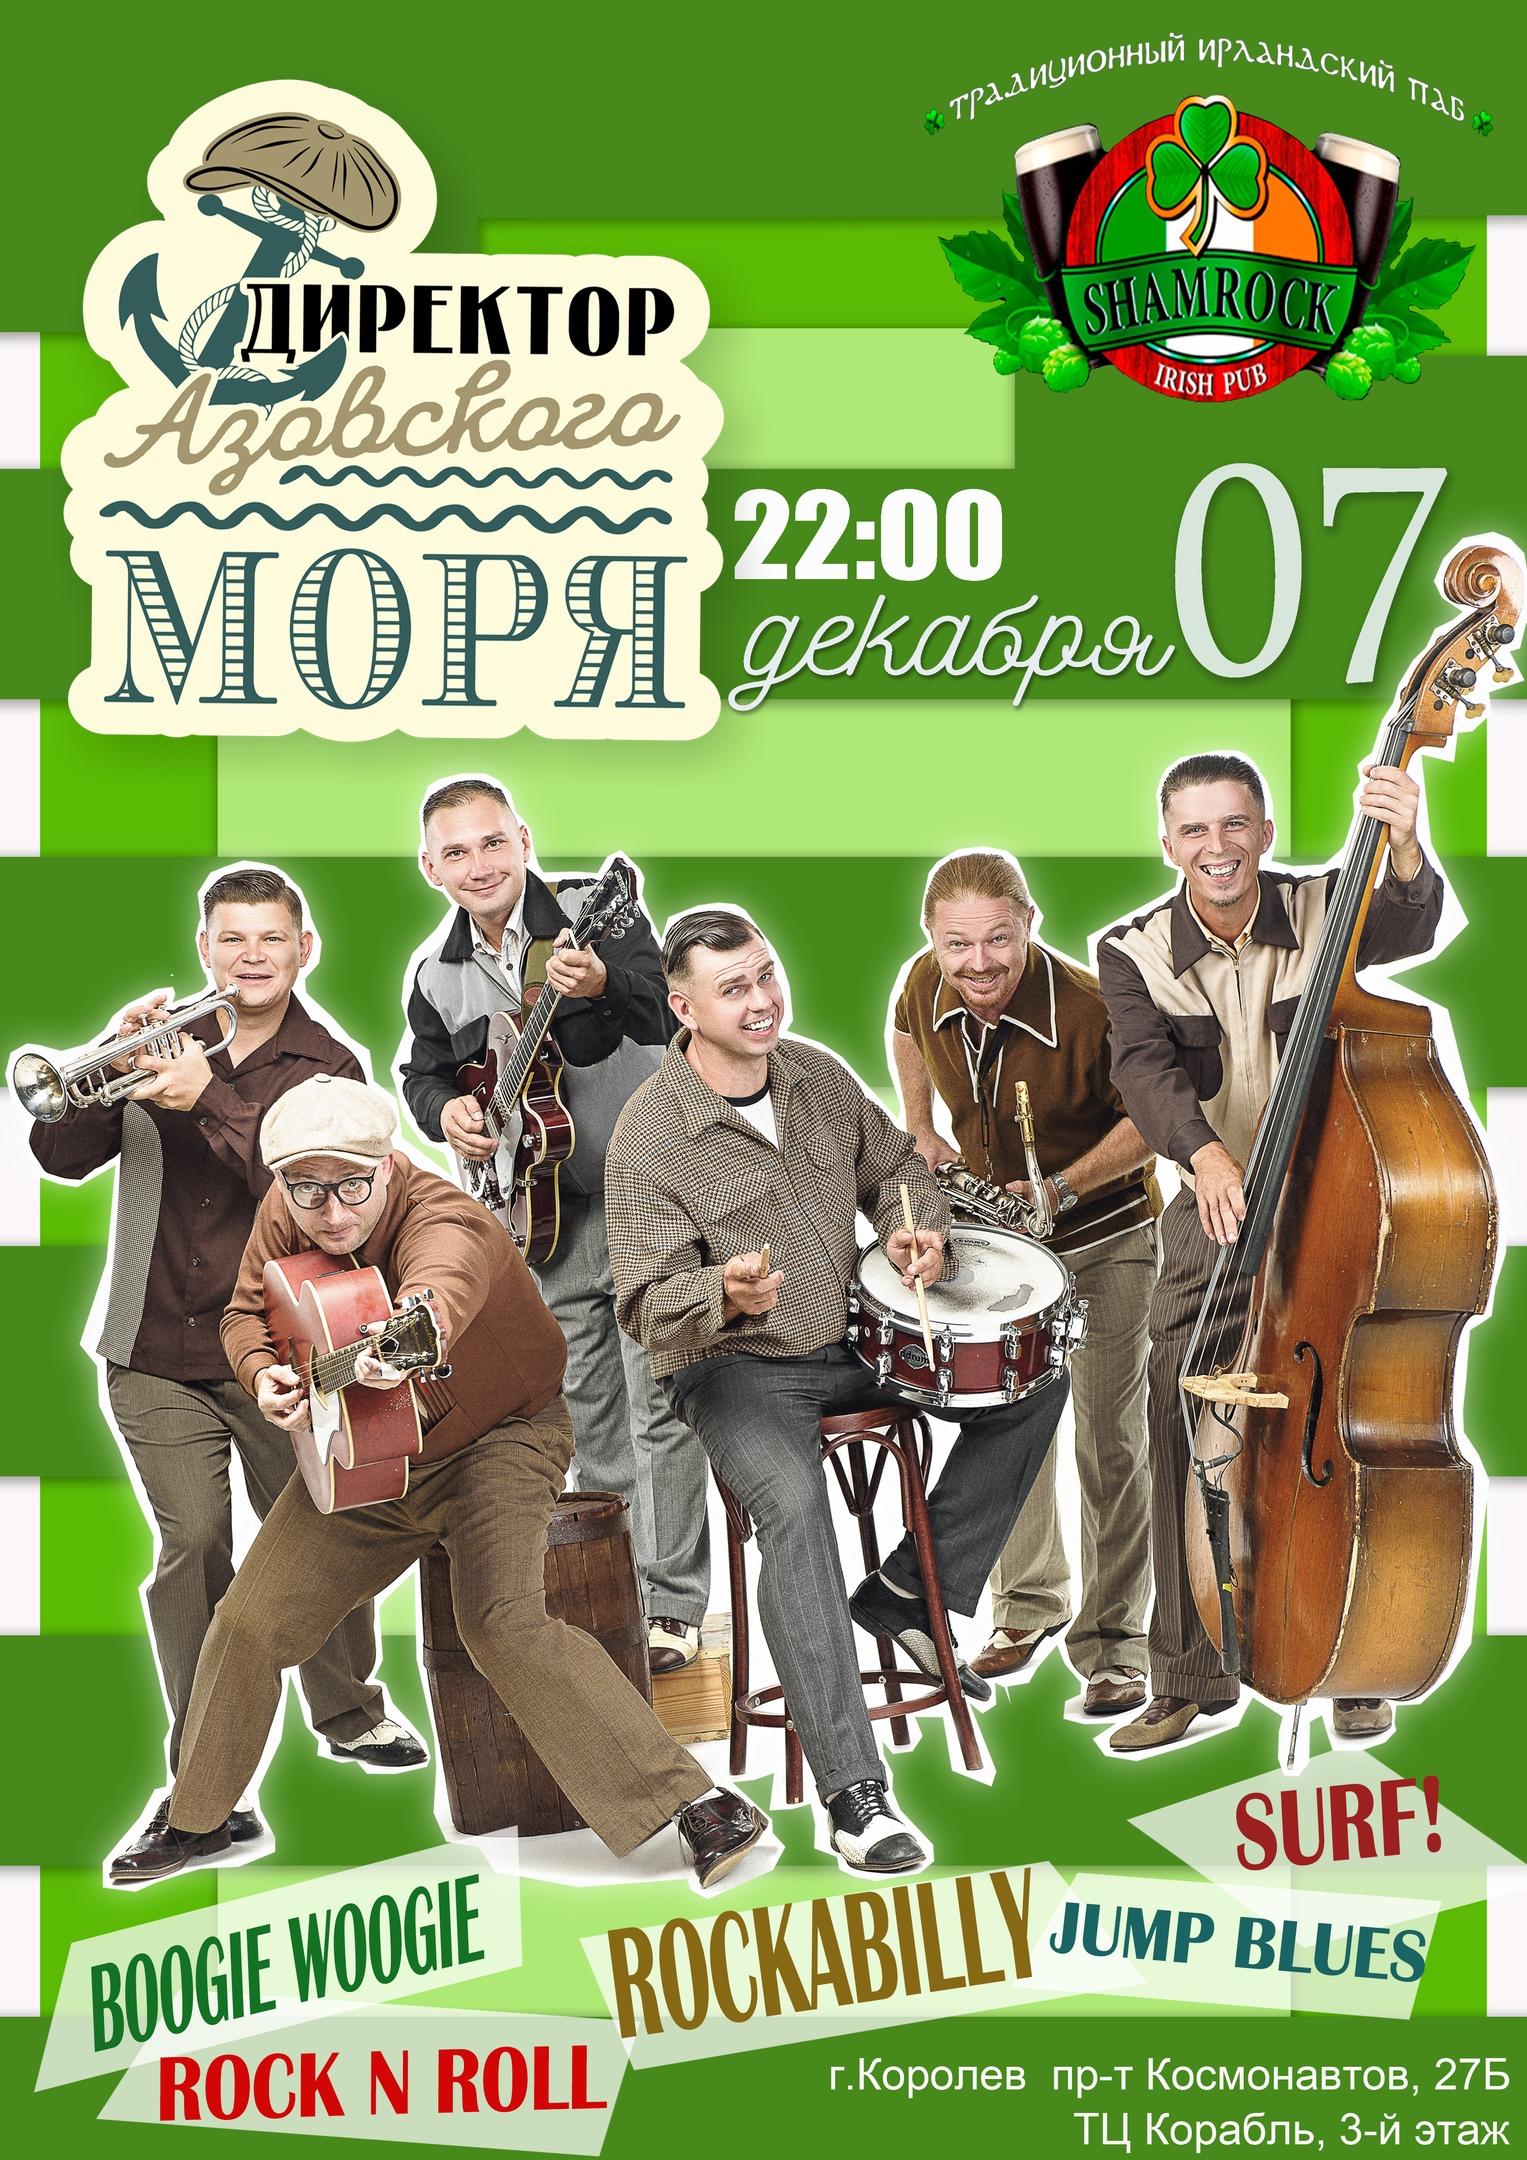 07.12 Директор Азовского Моря в Shamrock!